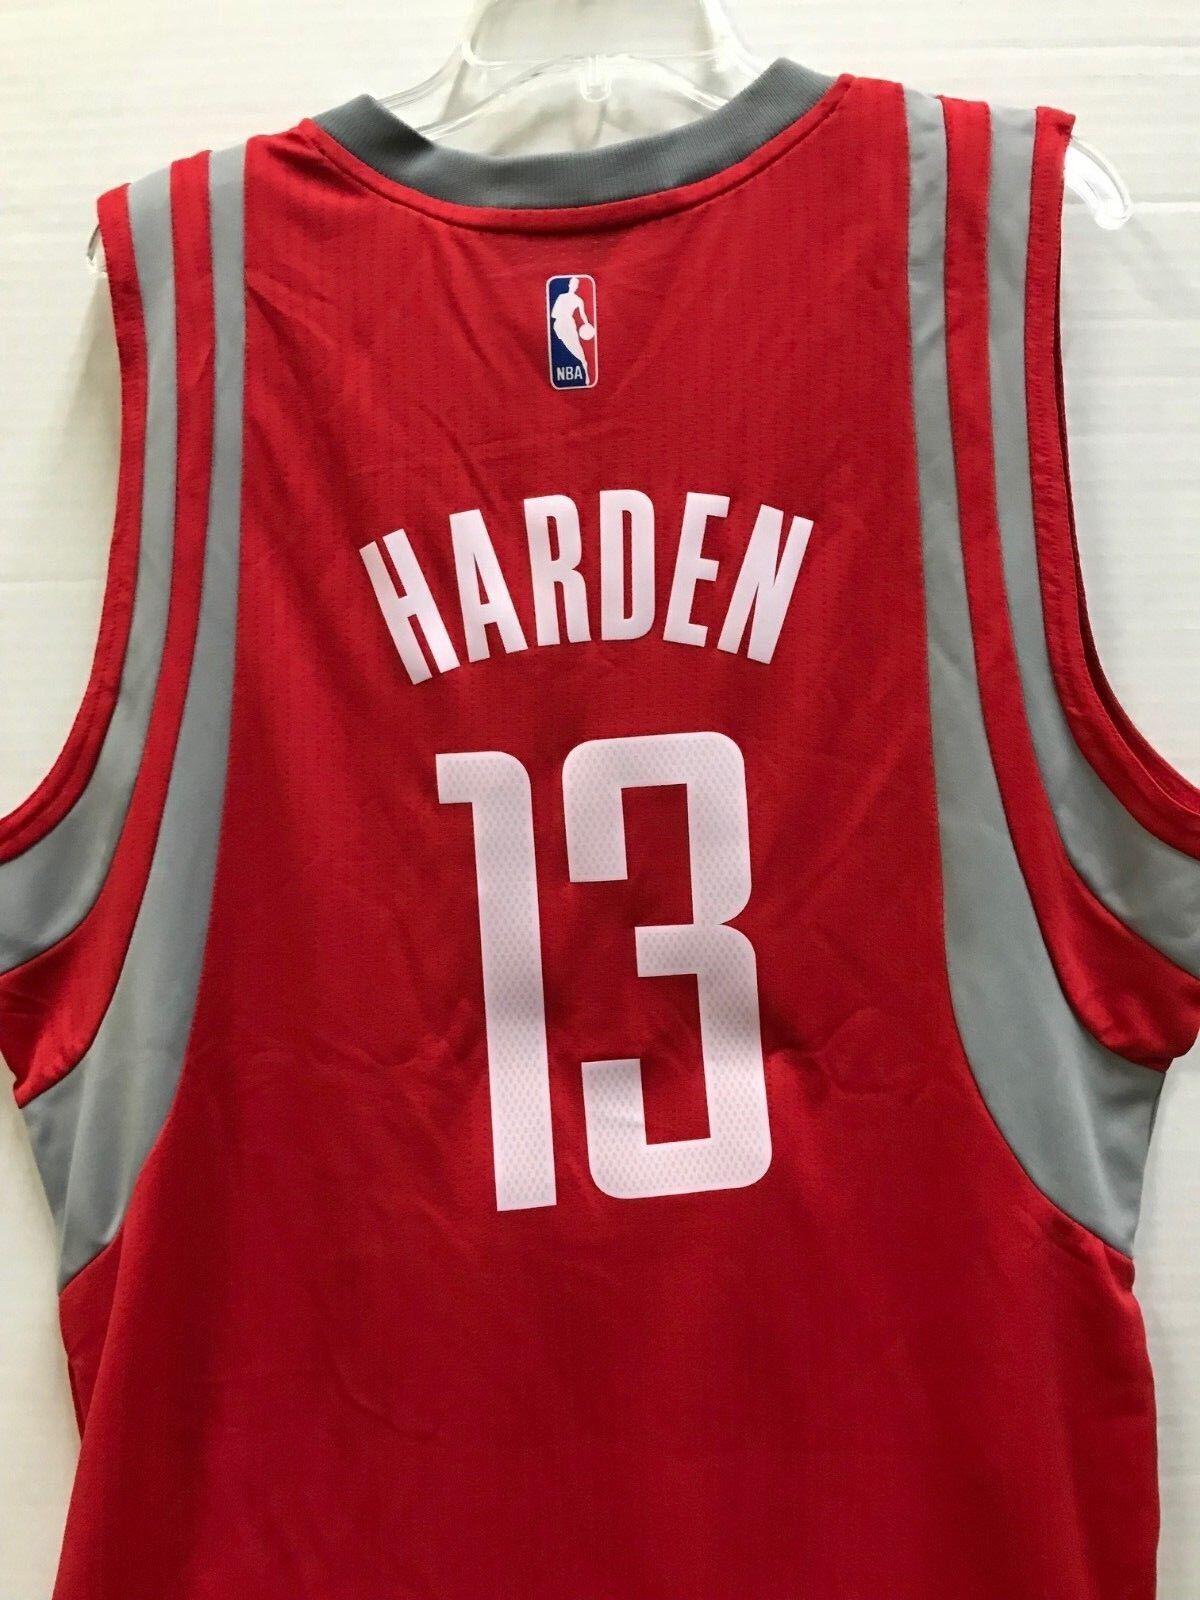 LDFN Jersey Baloncesto # 13 James Harden Jersey Transpirable Verano Y De Secado R/ápido Deportes Bordado De Tela Sin Mangas Corta De La Camiseta De La Aptitud S-XXL